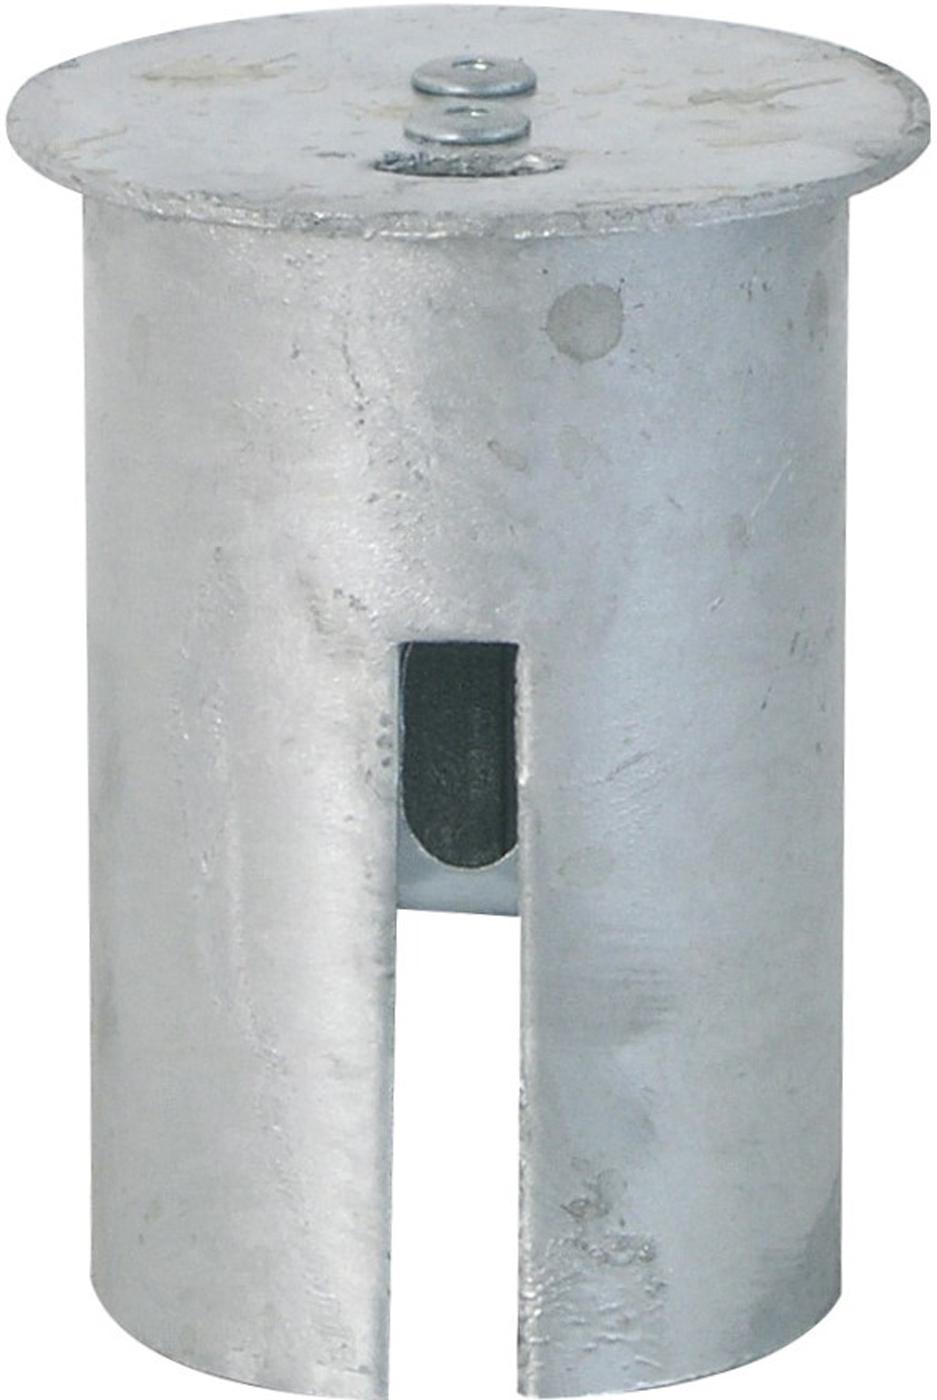 Schake Abdeckkappe mit Verschluss für Ø 76 mm Pfosten